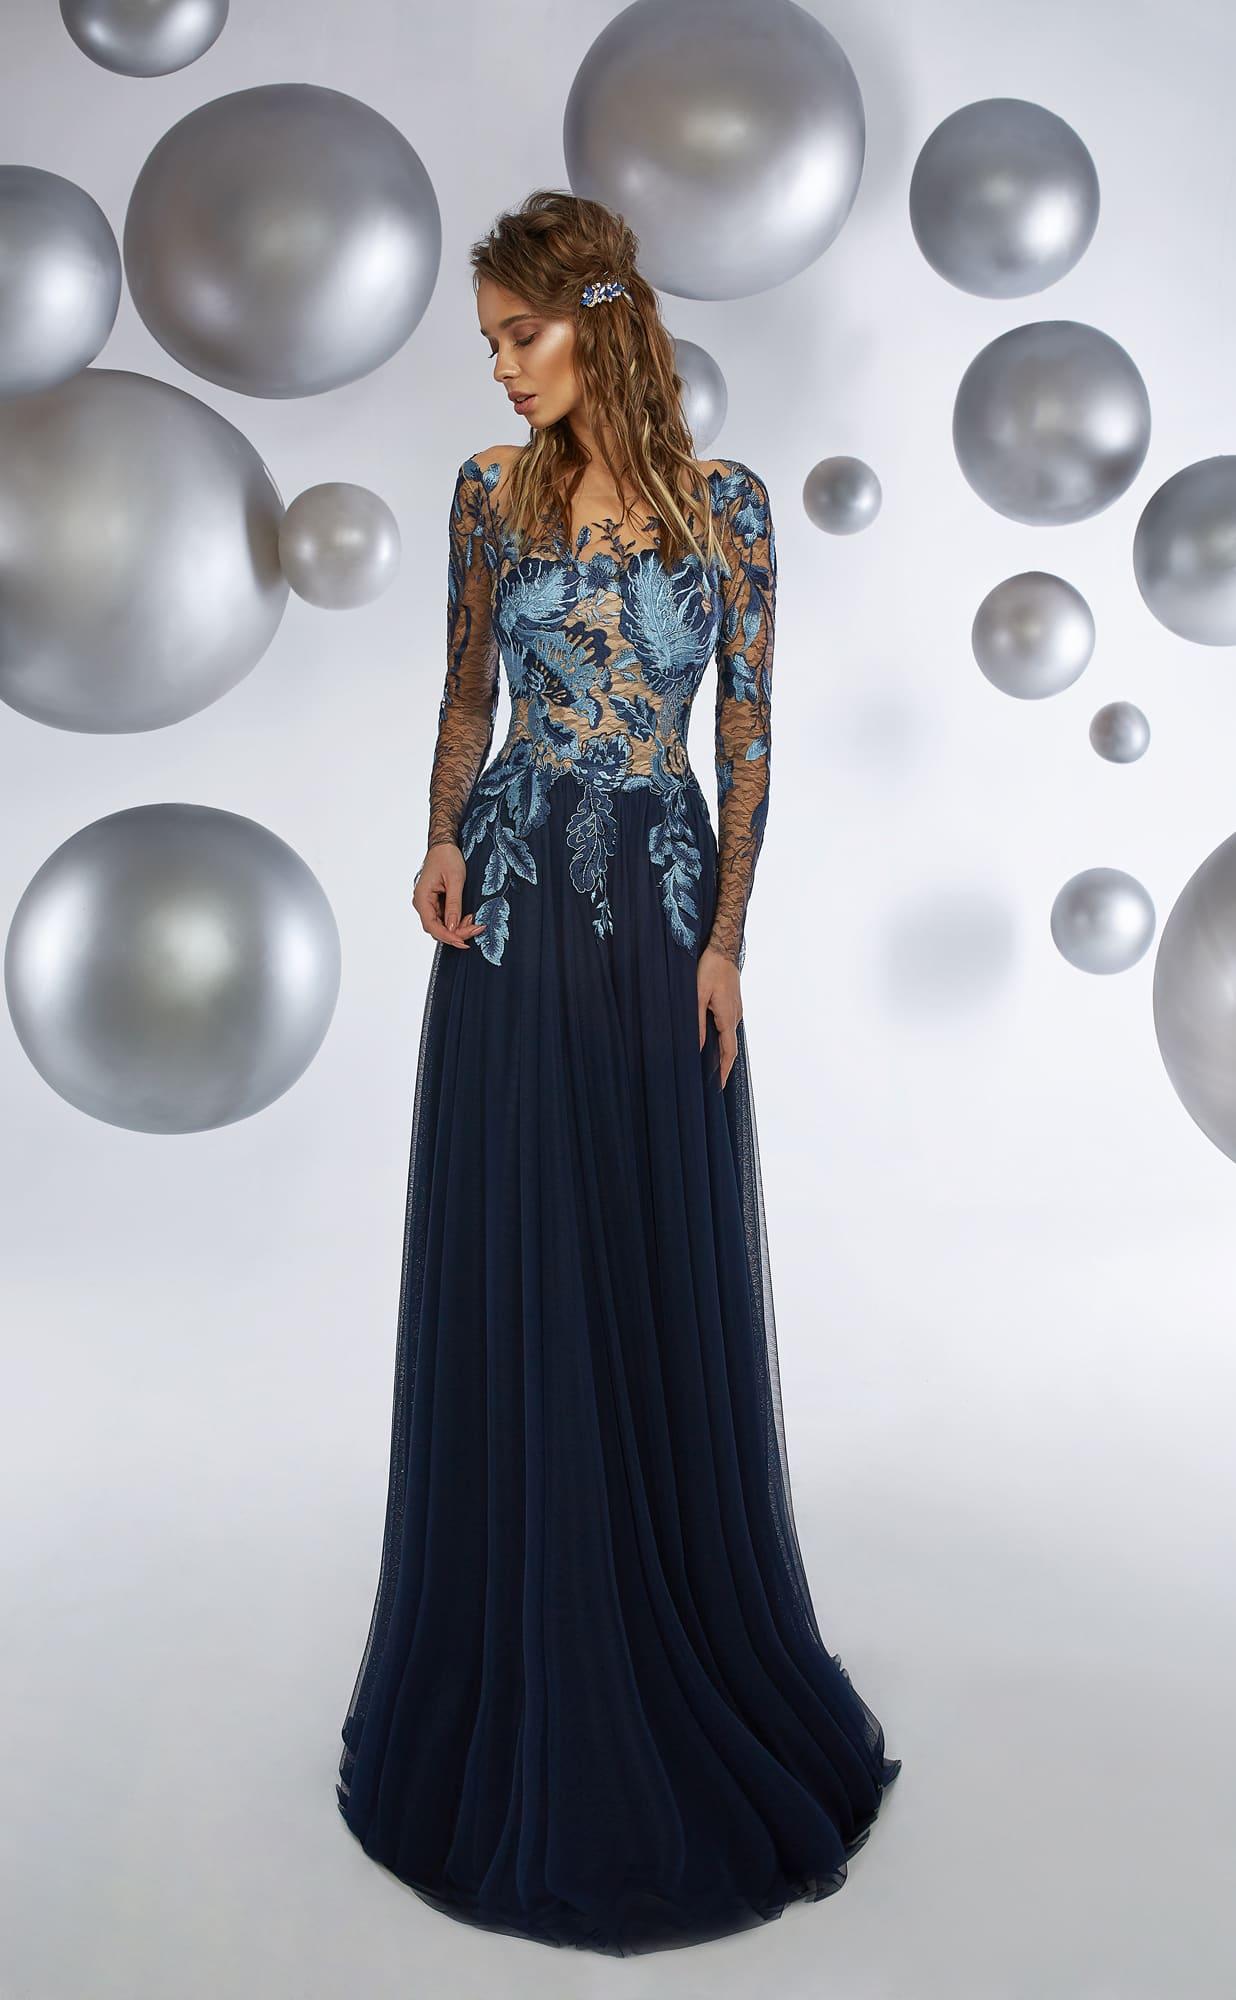 bd2bccdaed04ae6 Вечернее платье Armonia Indigo ▷ Свадебный Торговый Центр Вега в Москве